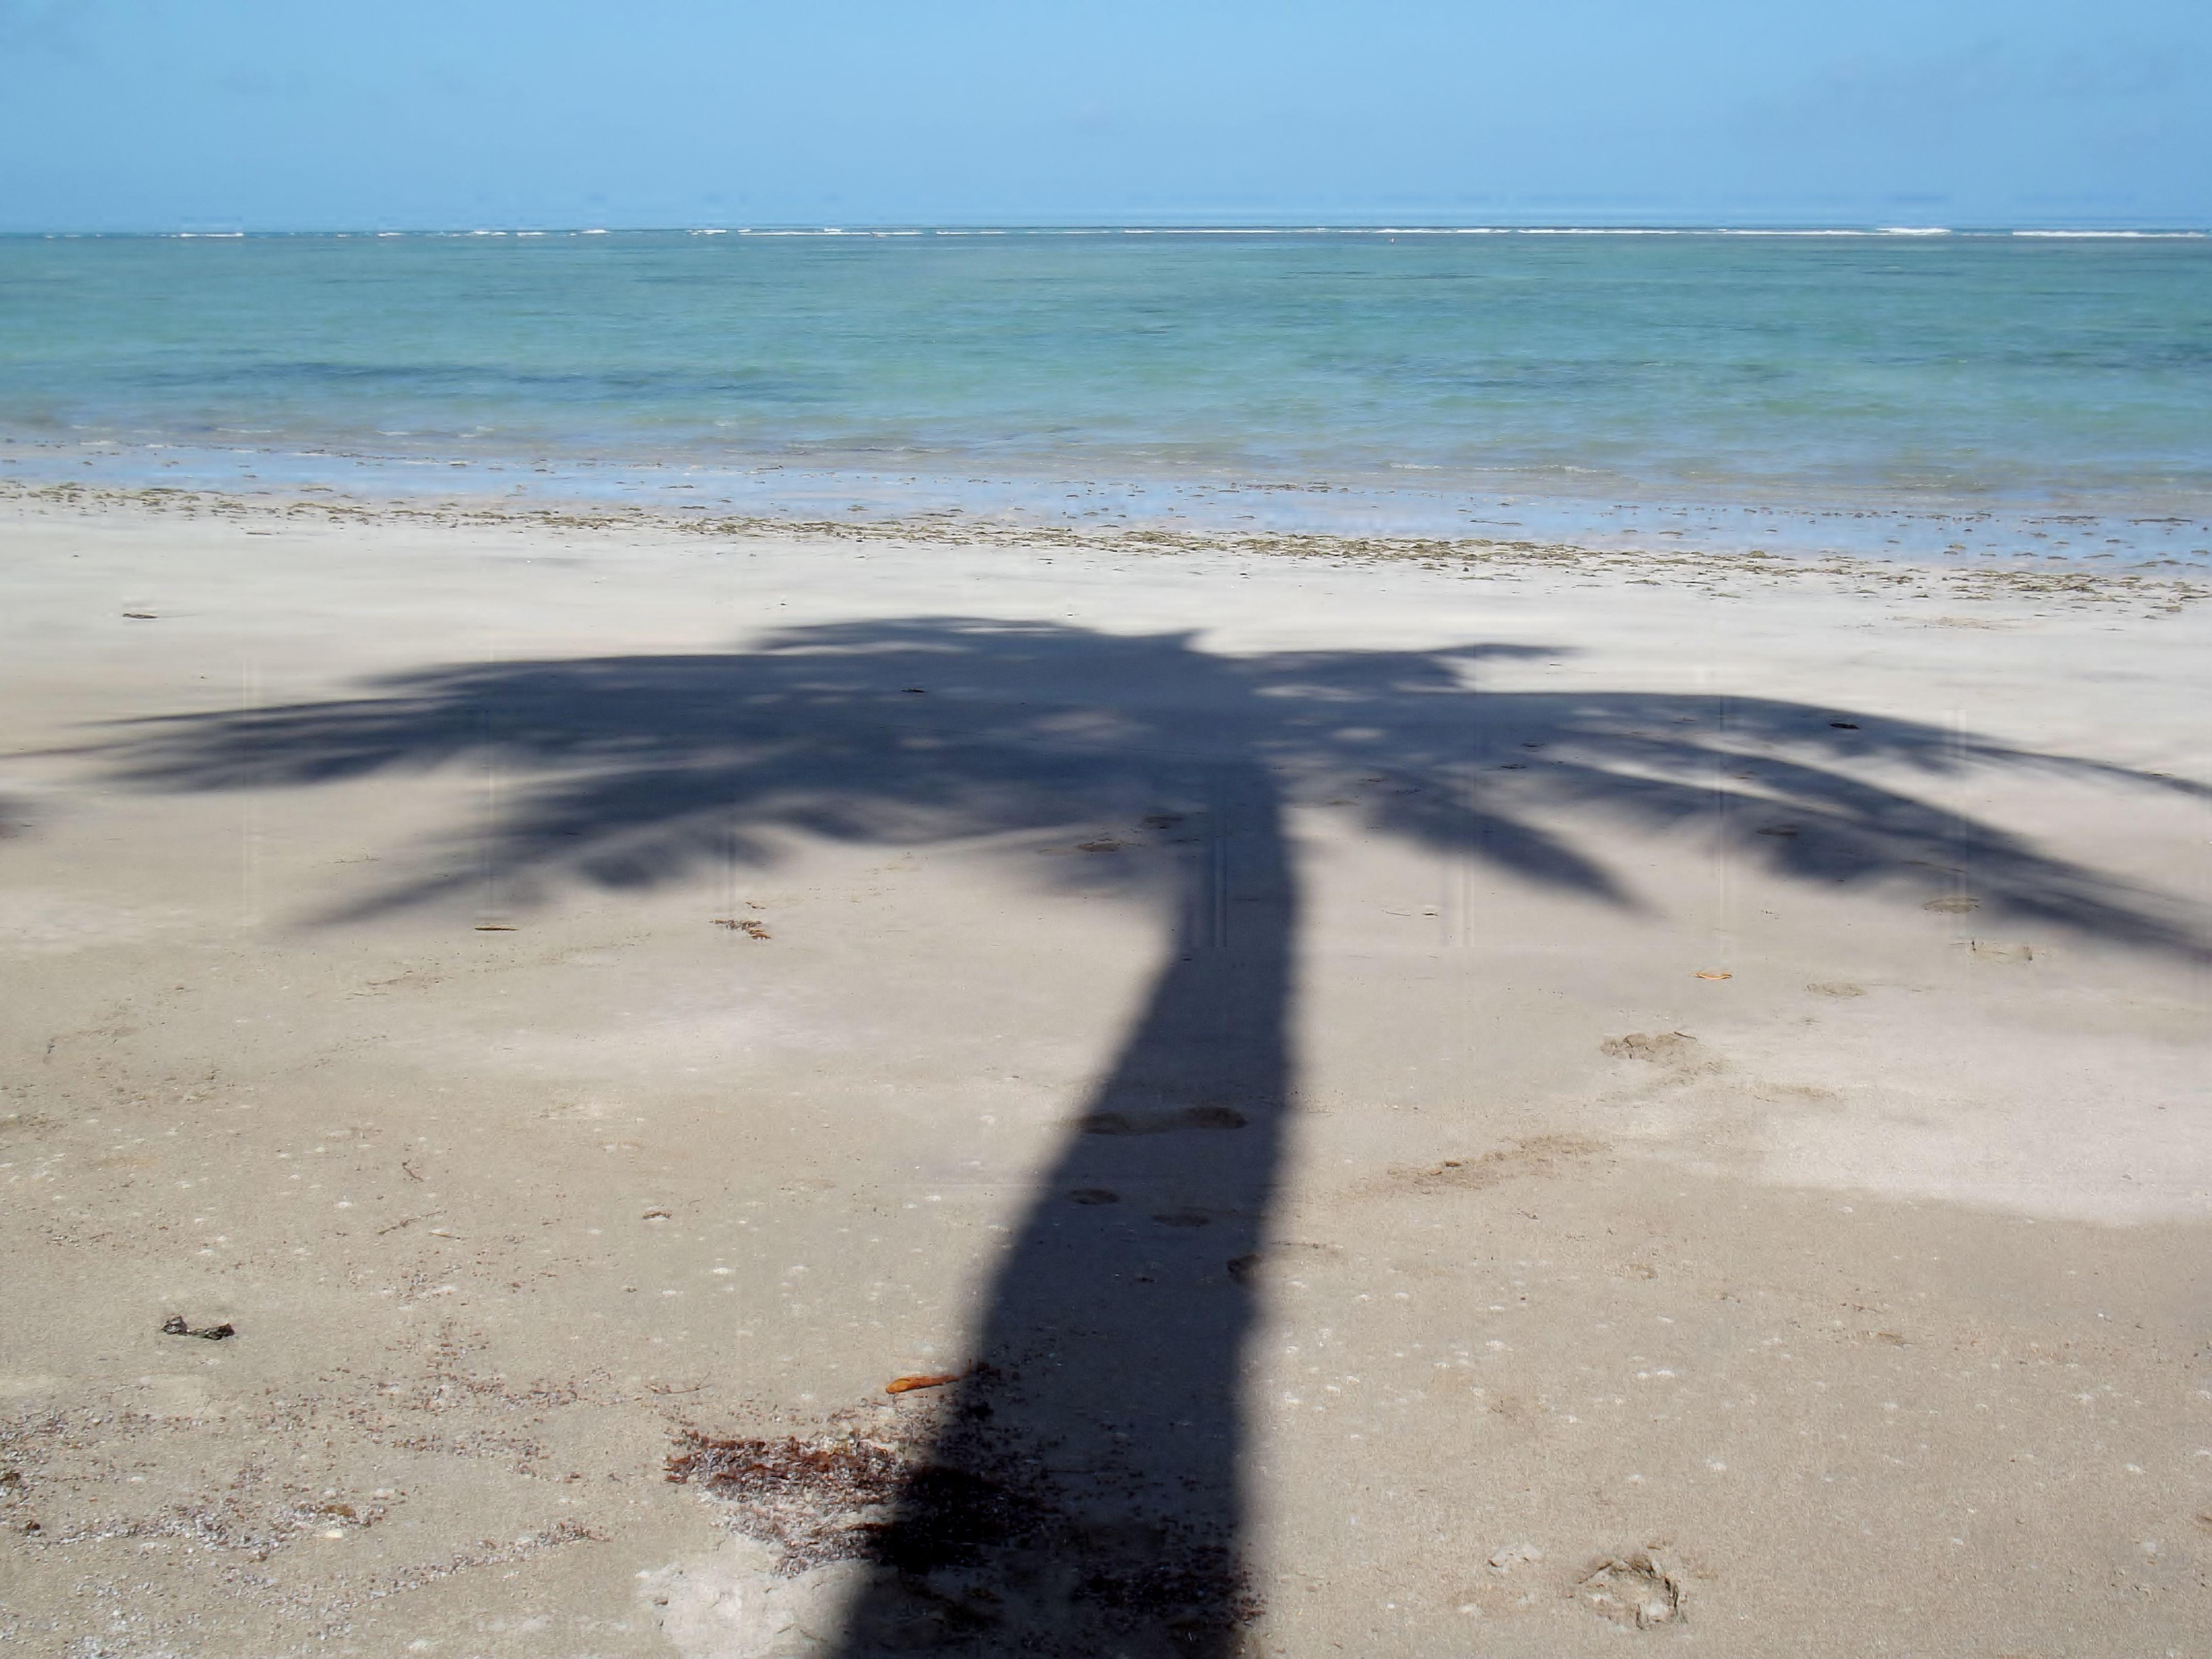 Litoral do Brasil. Alagoas - Dos Mares, o Melhor!